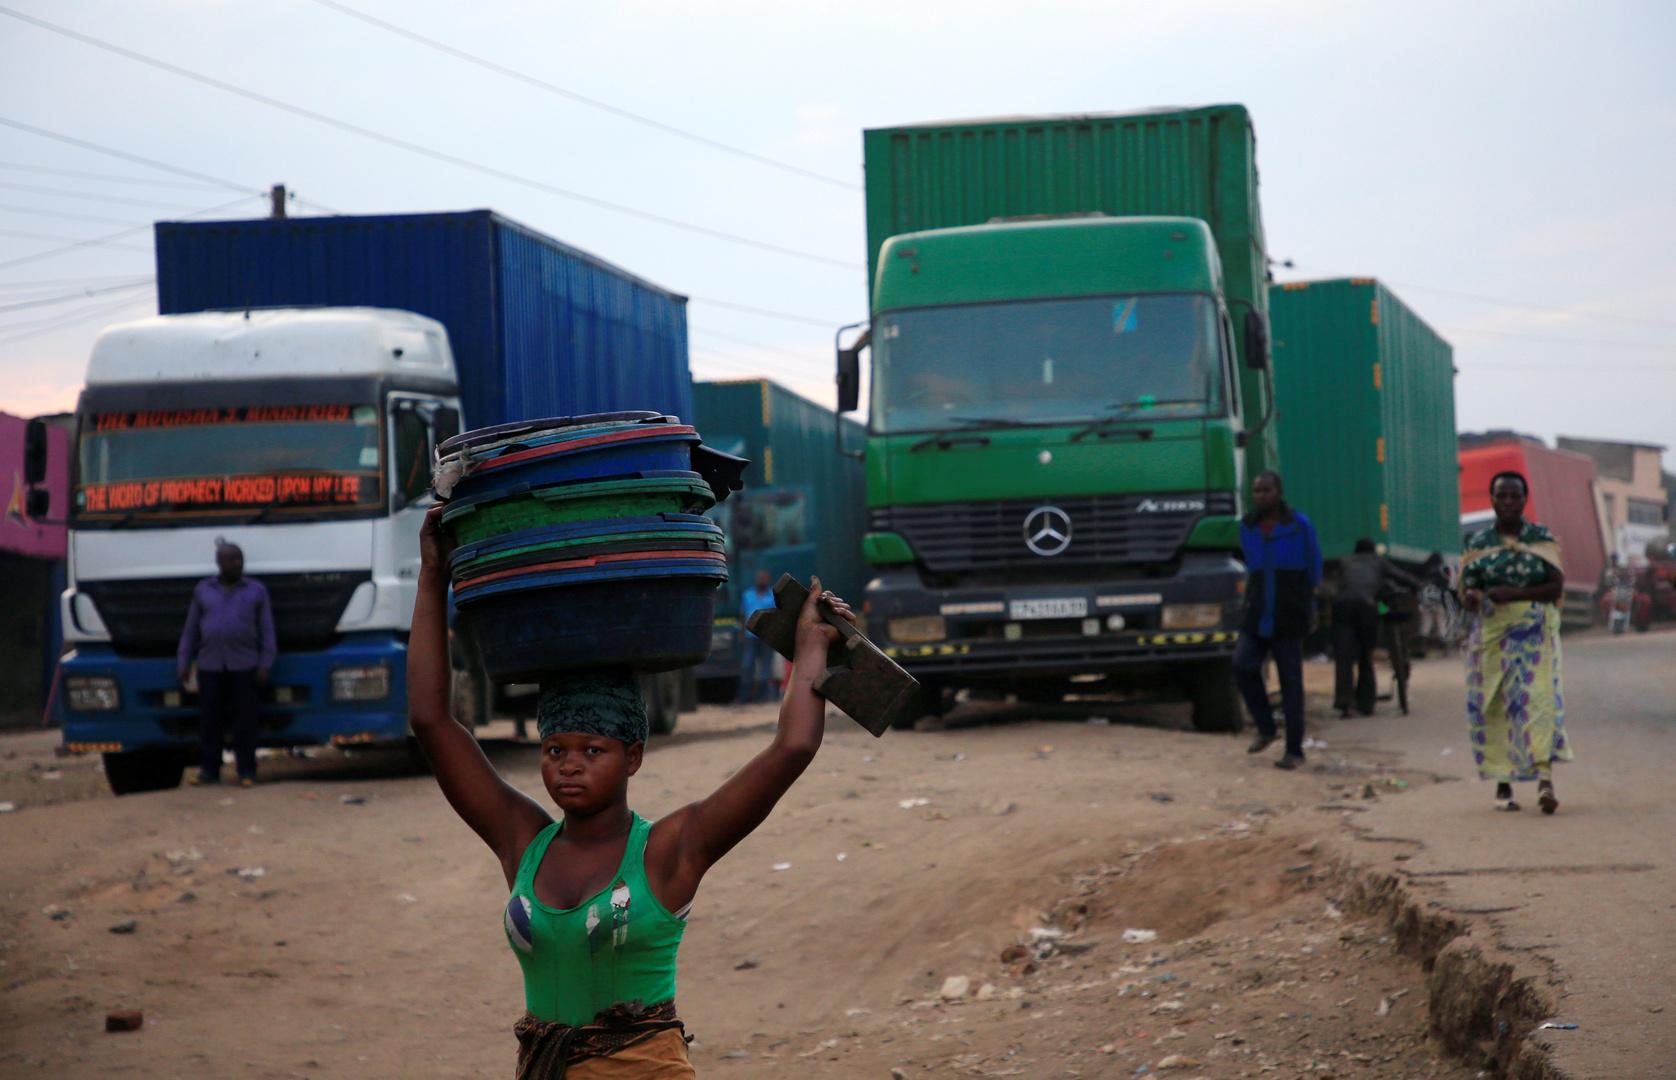 شاحنان في جمهورية الكونغو الديمقراطية.